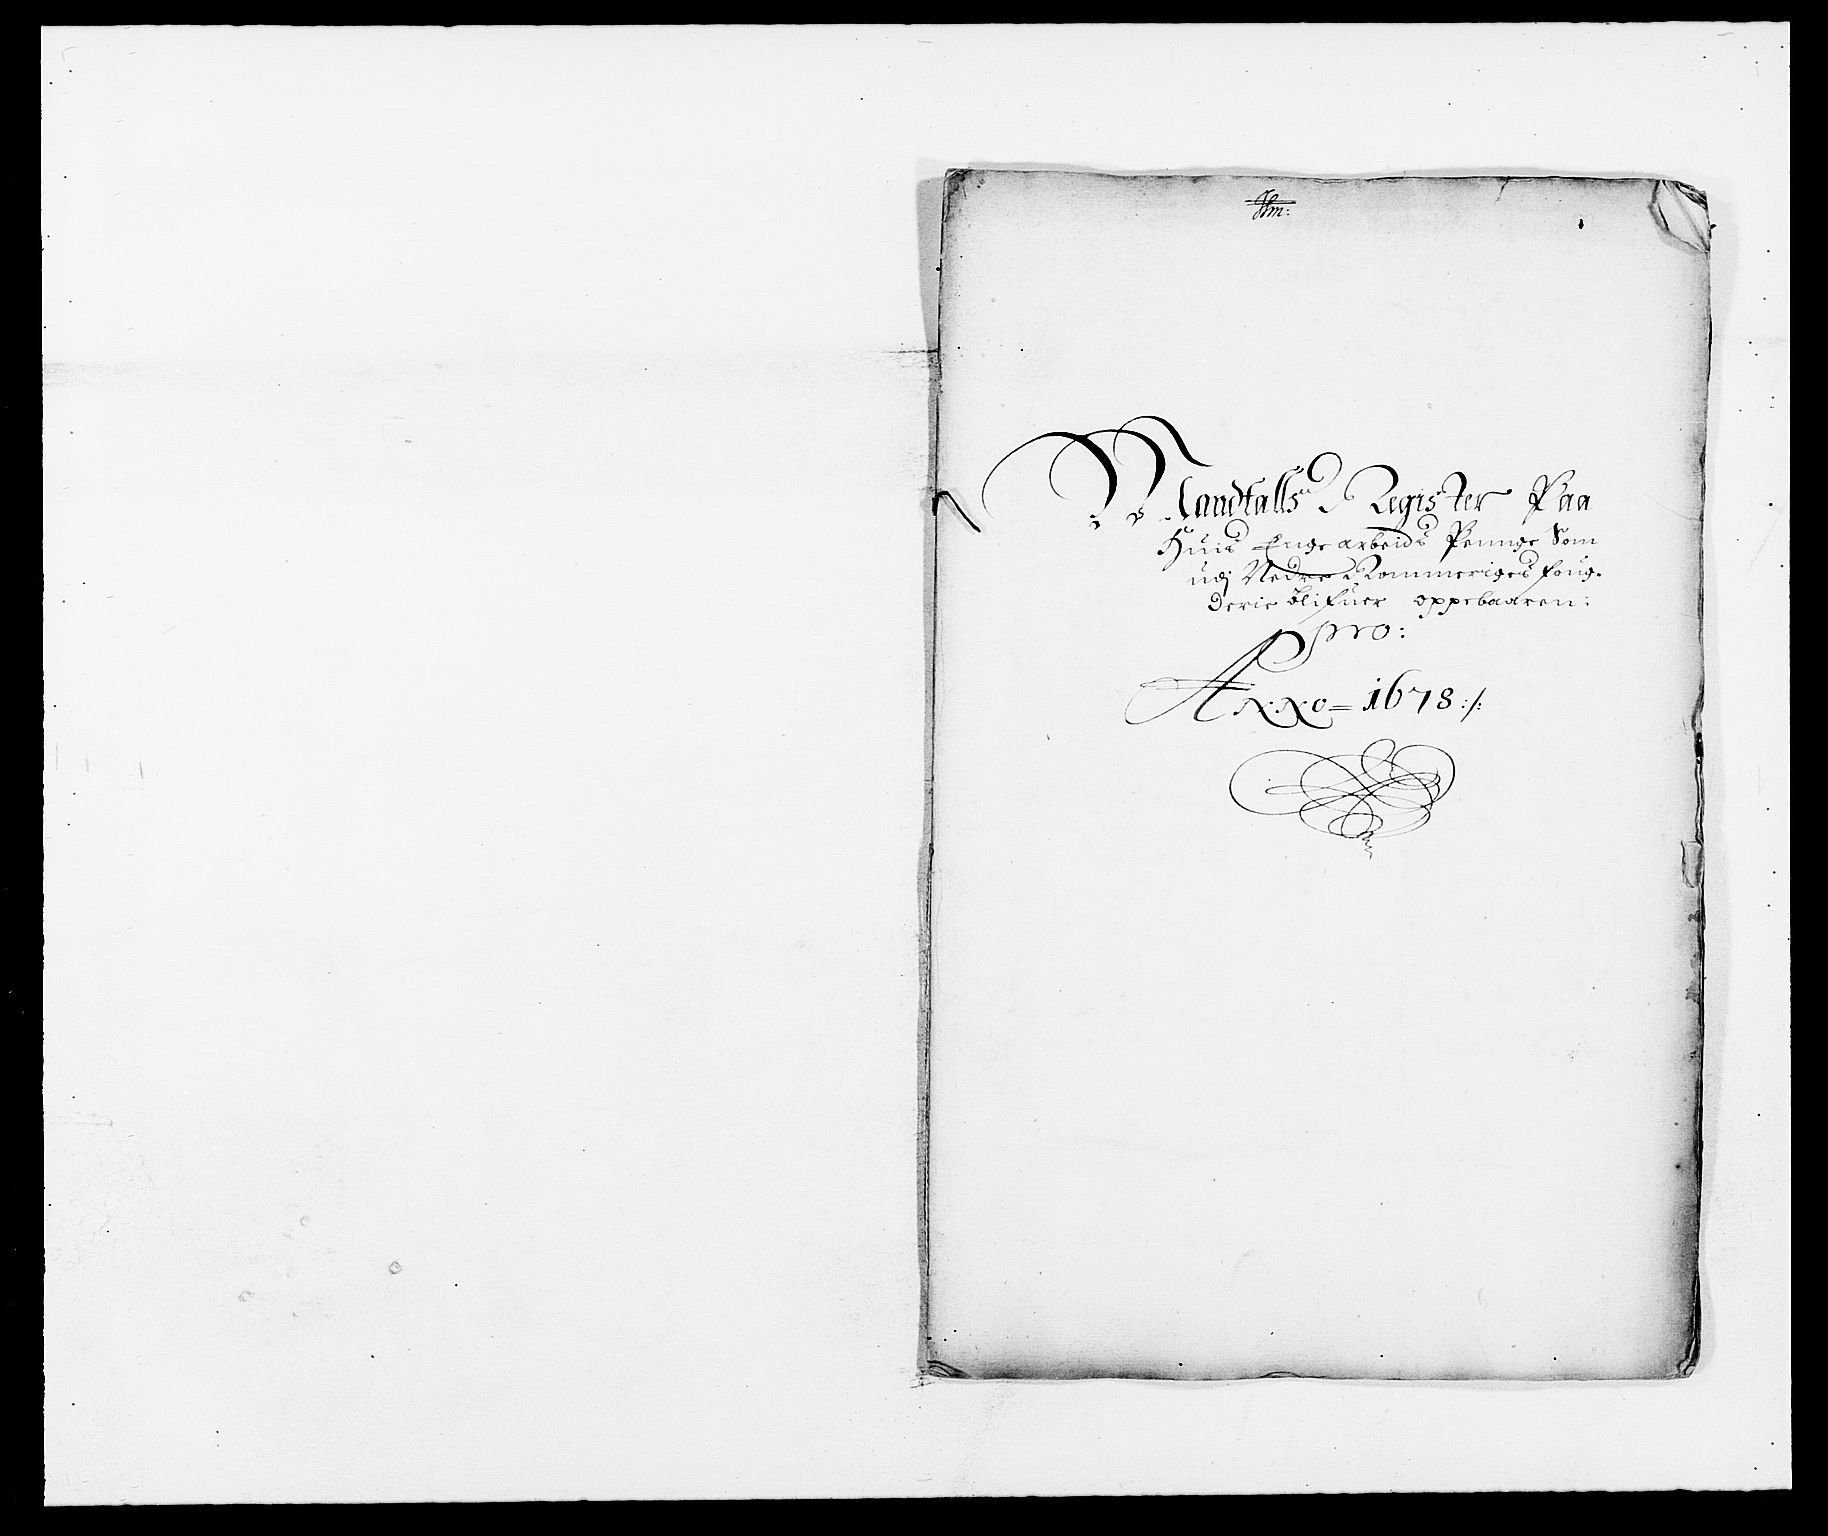 RA, Rentekammeret inntil 1814, Reviderte regnskaper, Fogderegnskap, R11/L0567: Fogderegnskap Nedre Romerike, 1678, s. 95